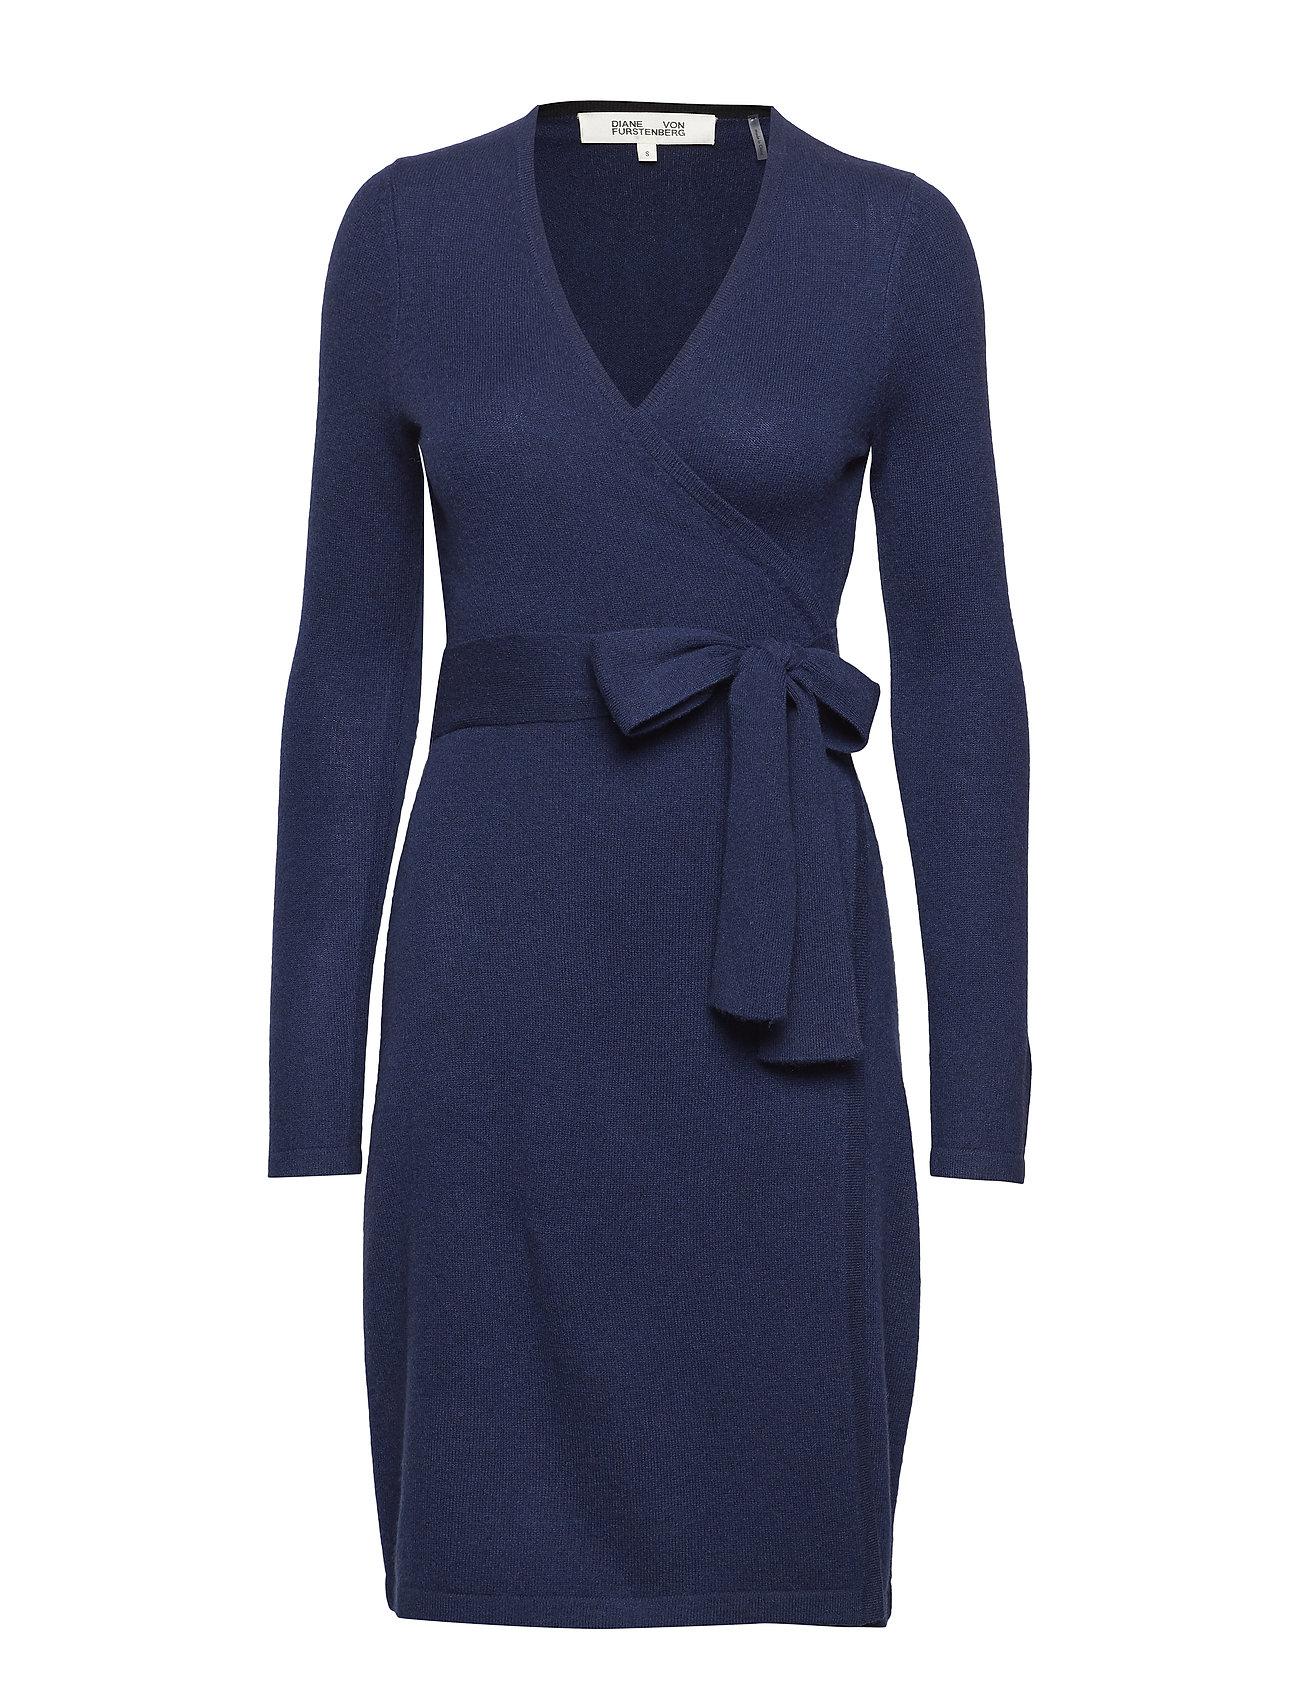 New Linda Knit Wrap Dress - Diane von Furstenberg